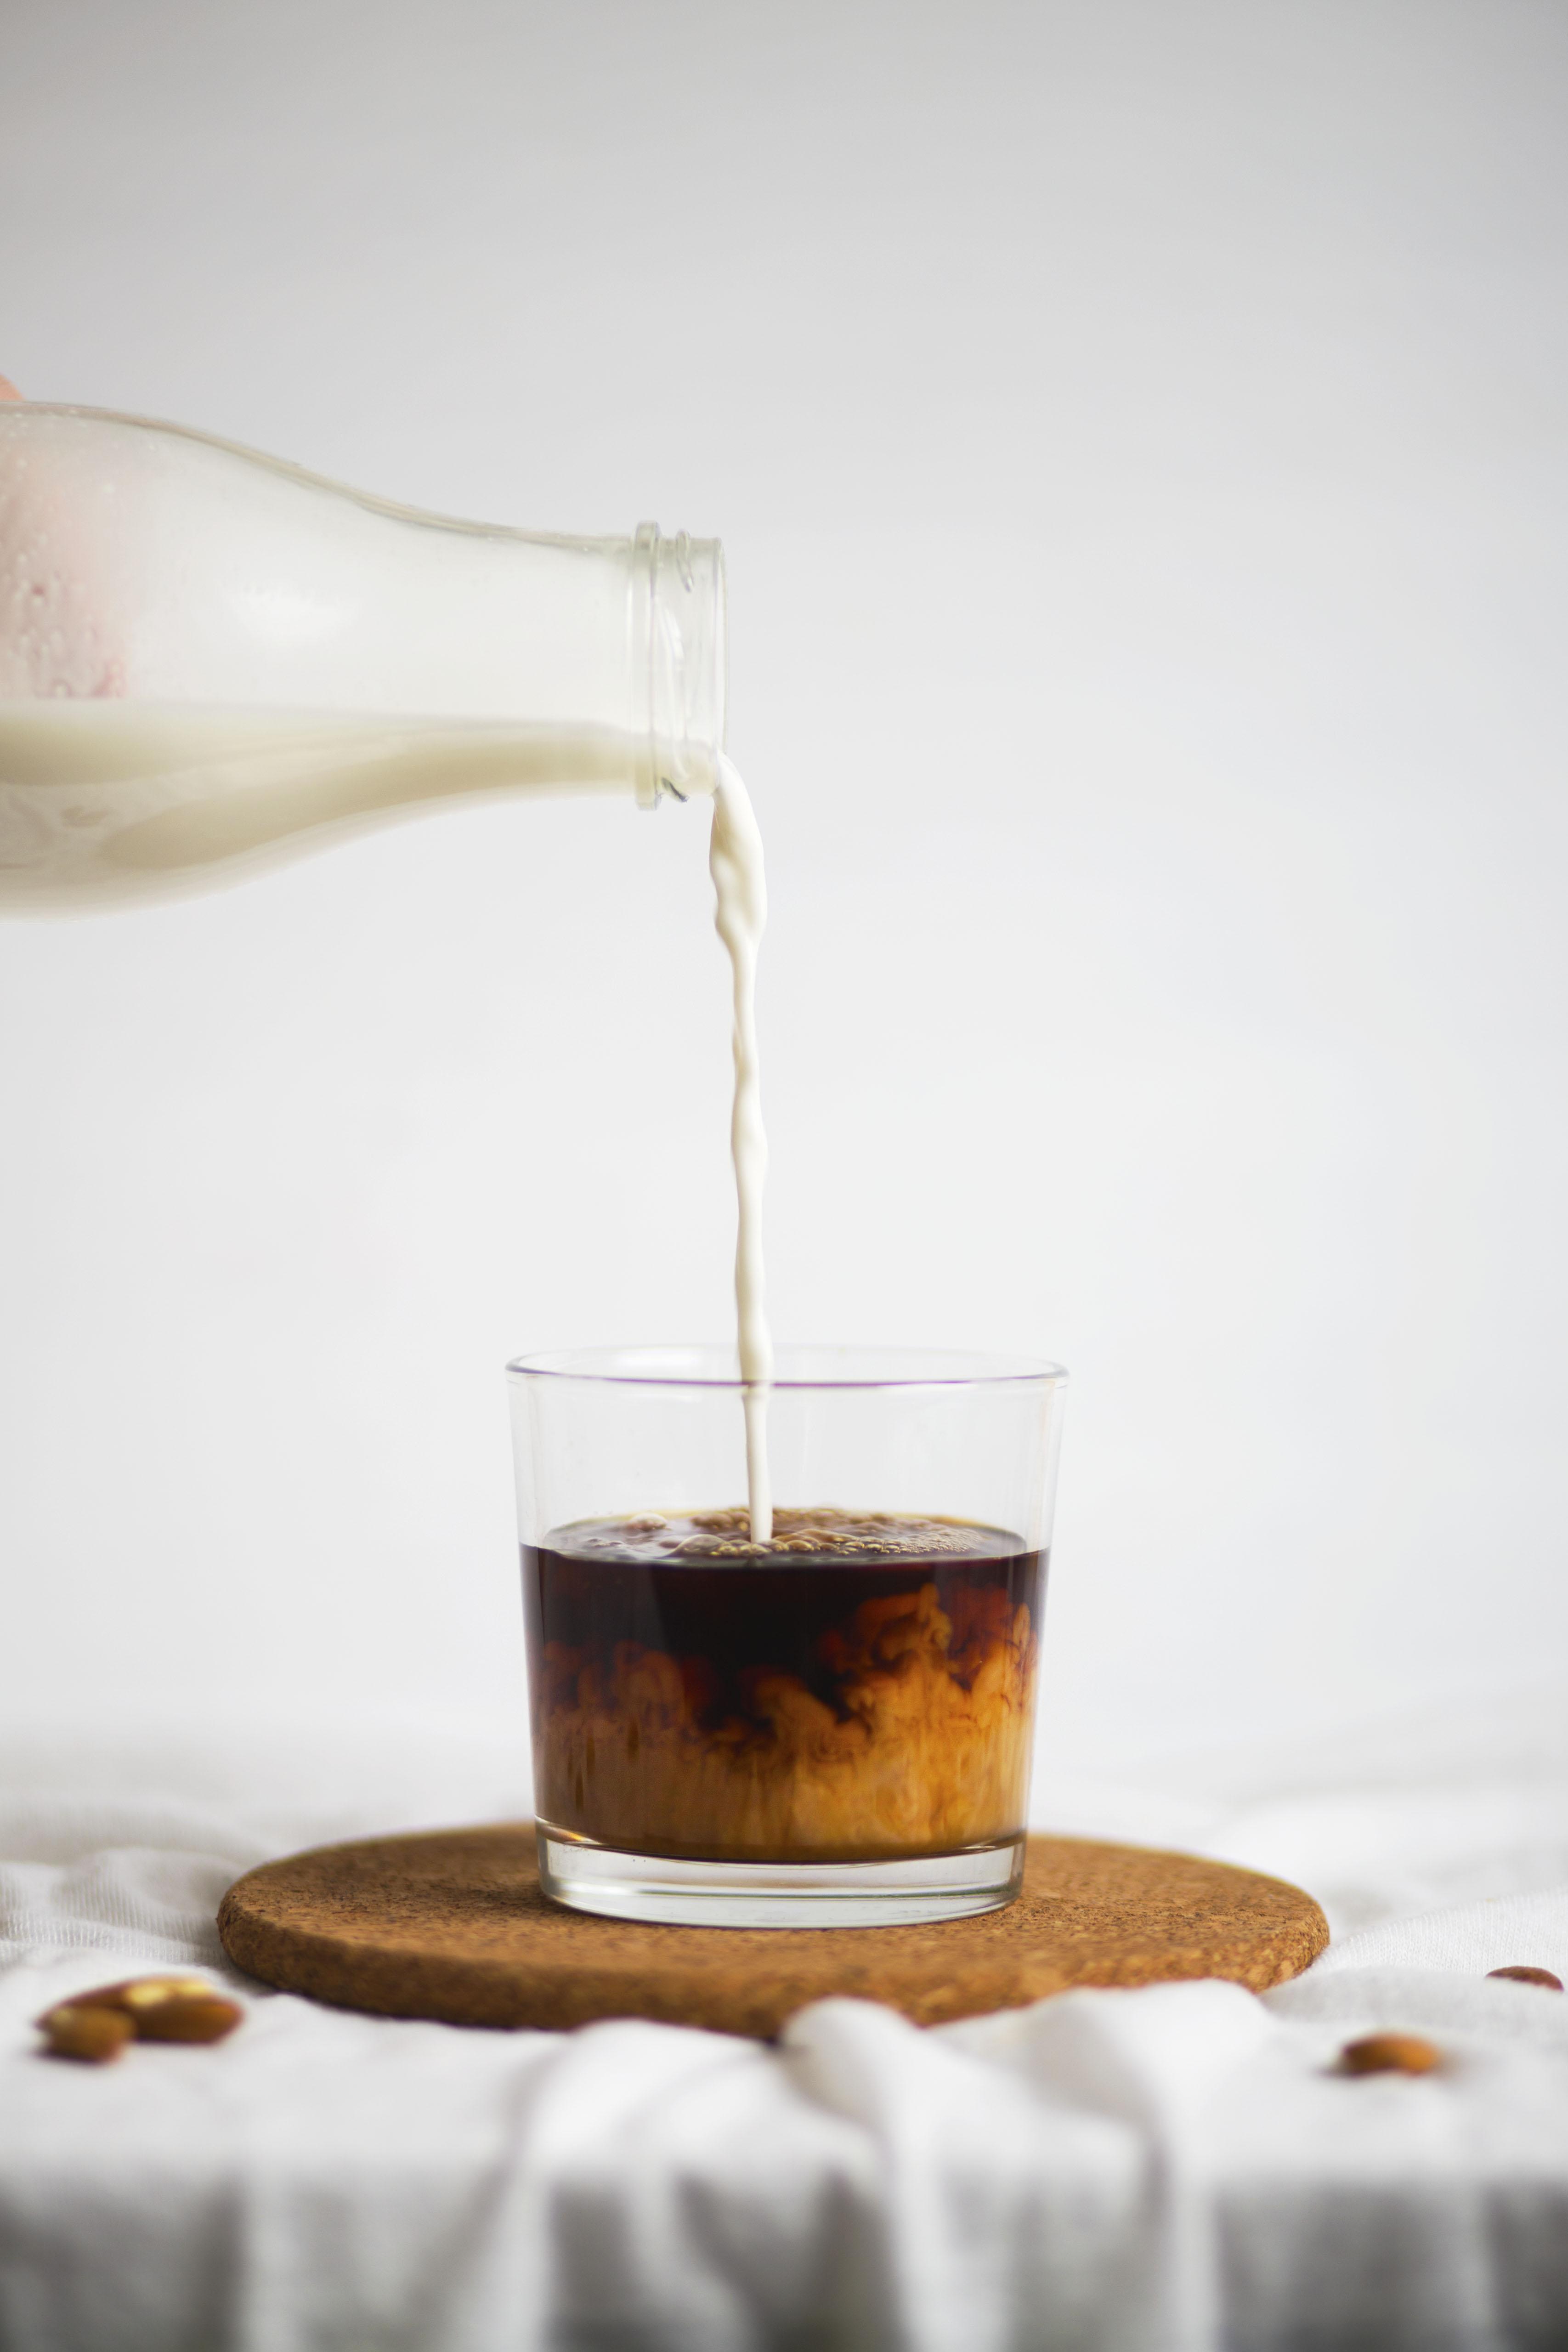 Mandeldrink für Kaffee